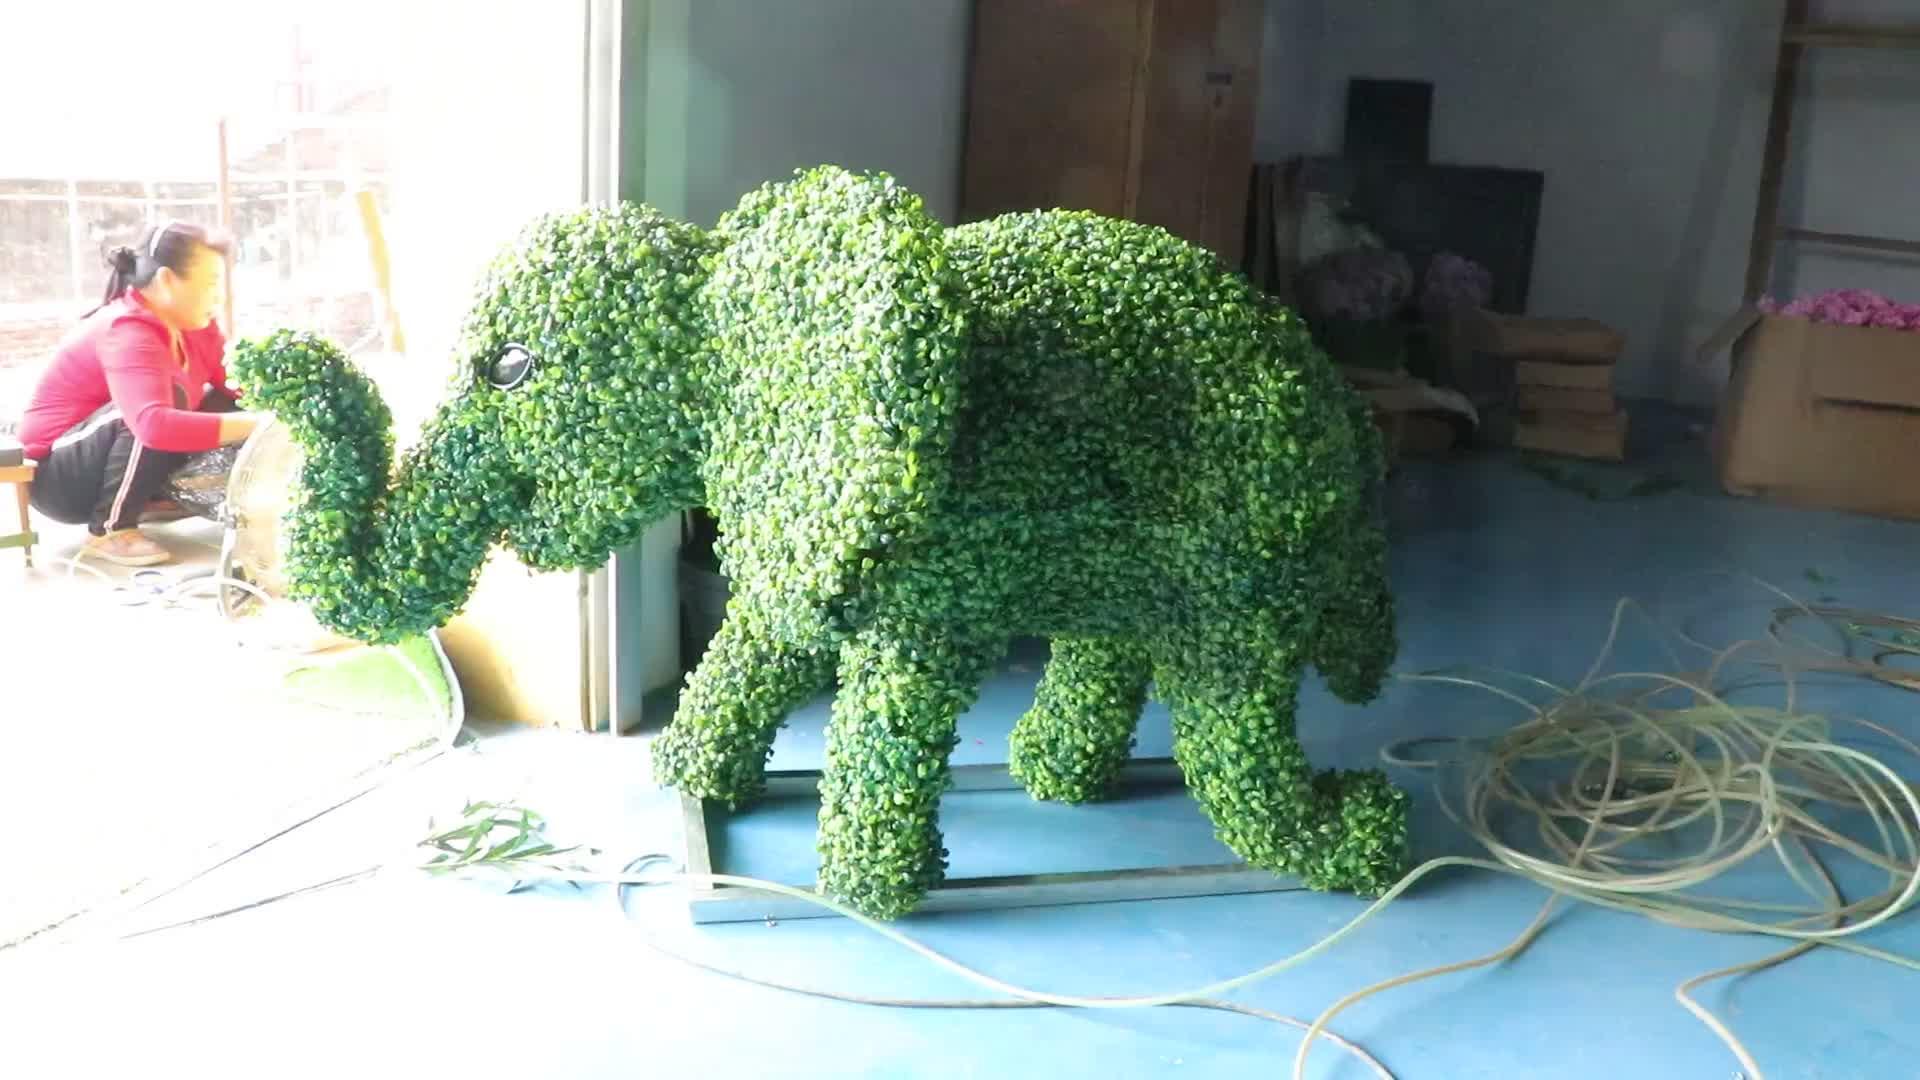 Зеленая трава проволока топиарная рама искусственный Самшит слон животное